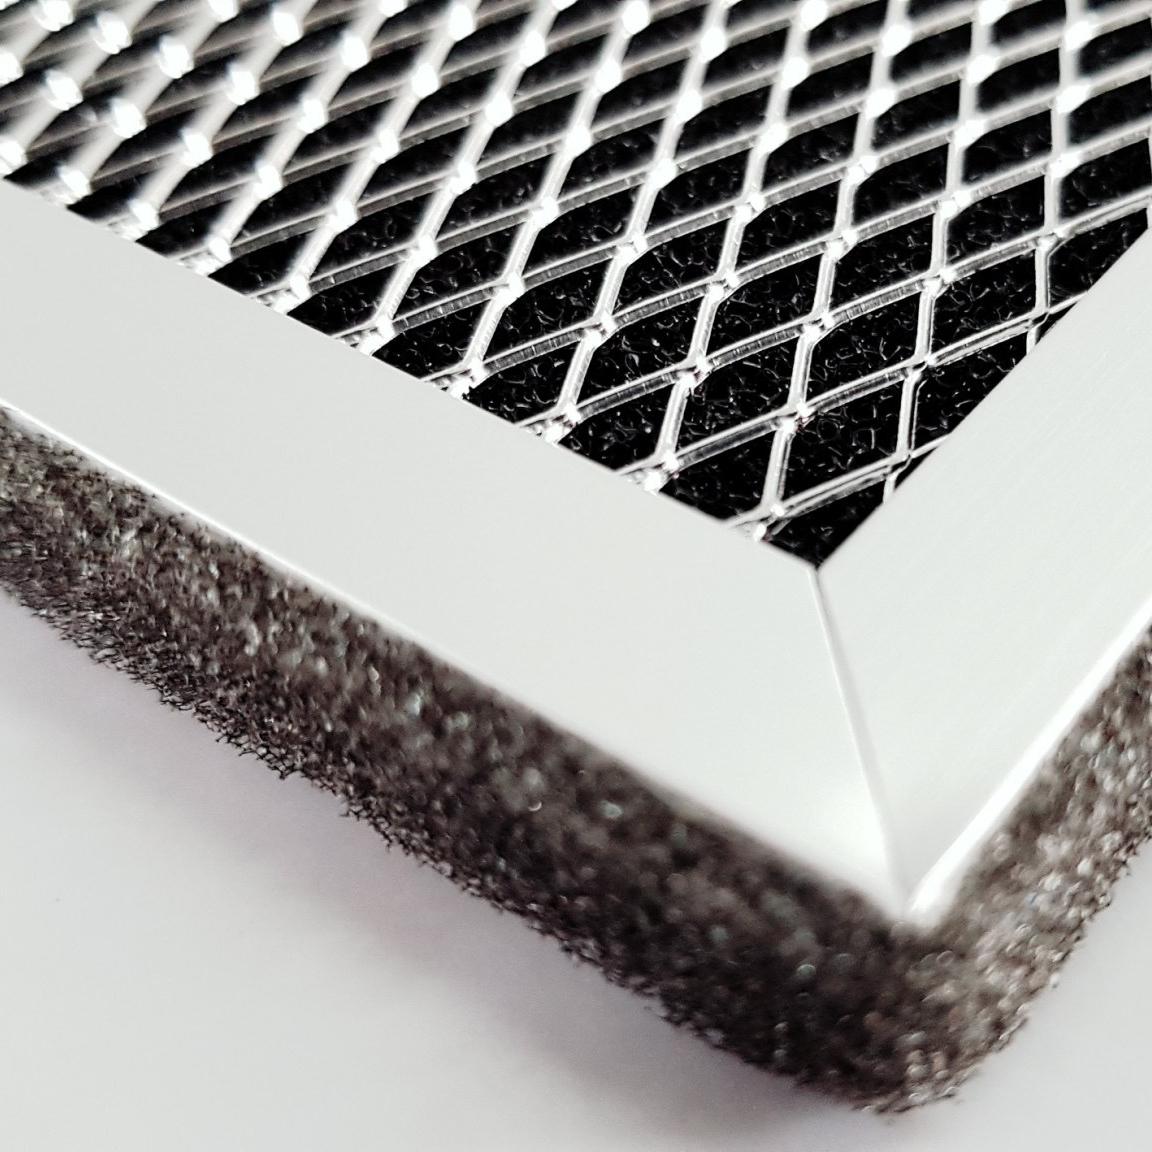 ไไส้กรอง Pre filter ใช้สำหรับดักจับฝุ่นหยาบจึงออกแบบมาเพื่อให้ล้างทำความสะอาดได้บ่อยๆ